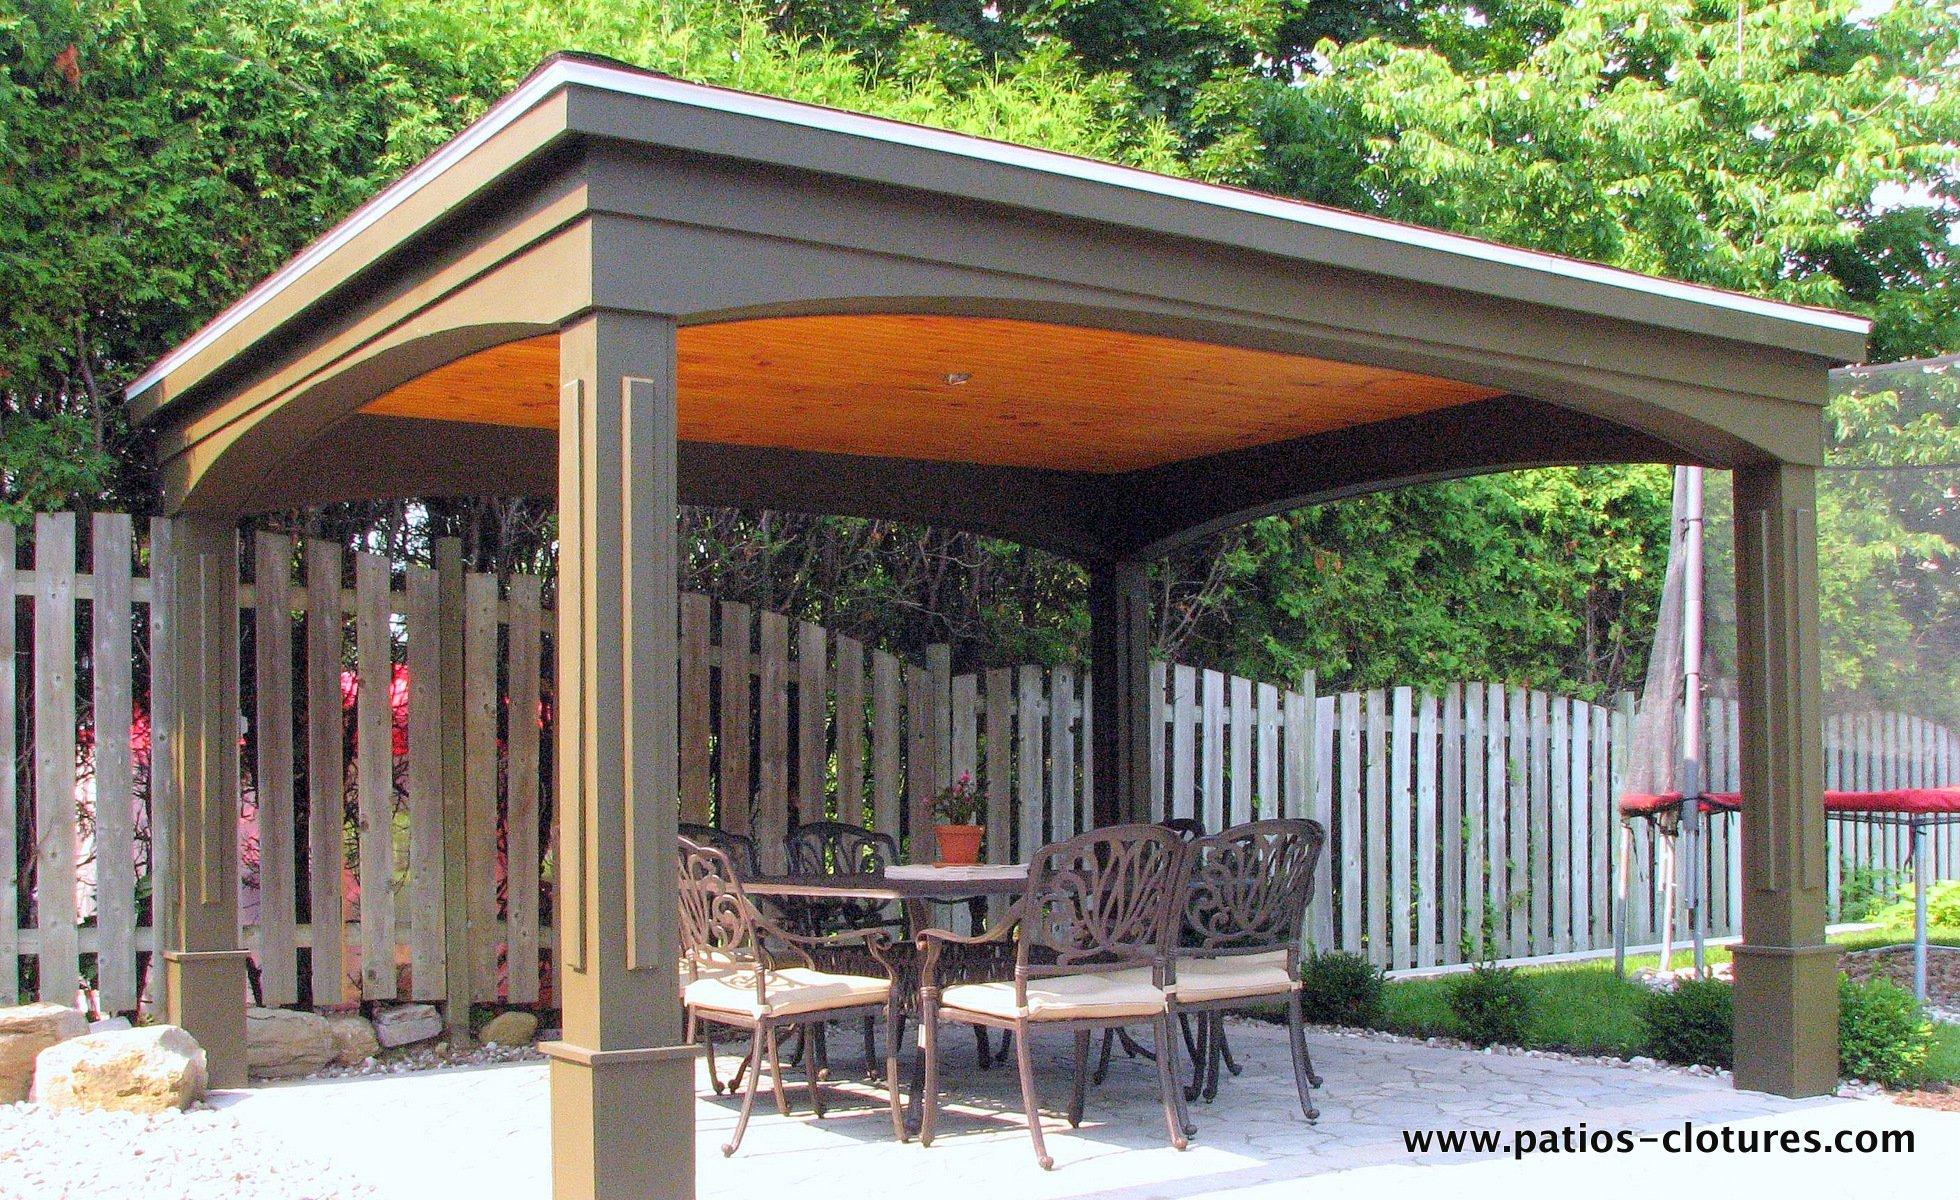 Gaz bo lafontaine patios et cl tures beaulieu for Toit patio bois